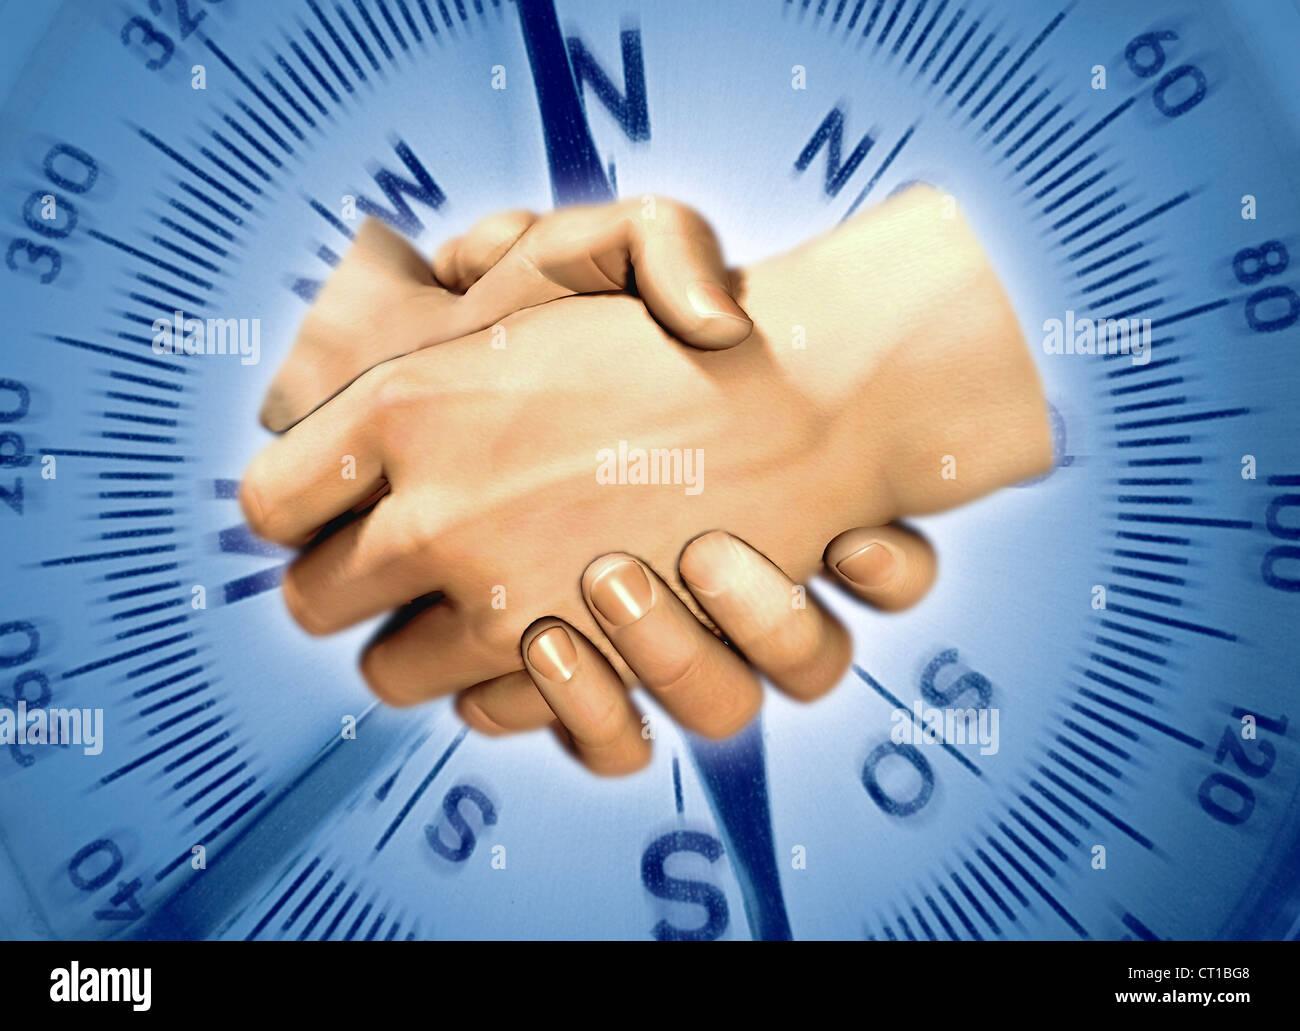 shake hands in front of a compass scale - 2 Hände reichen sich die Hand vor einem Kompass im Hintergrund Stock Photo